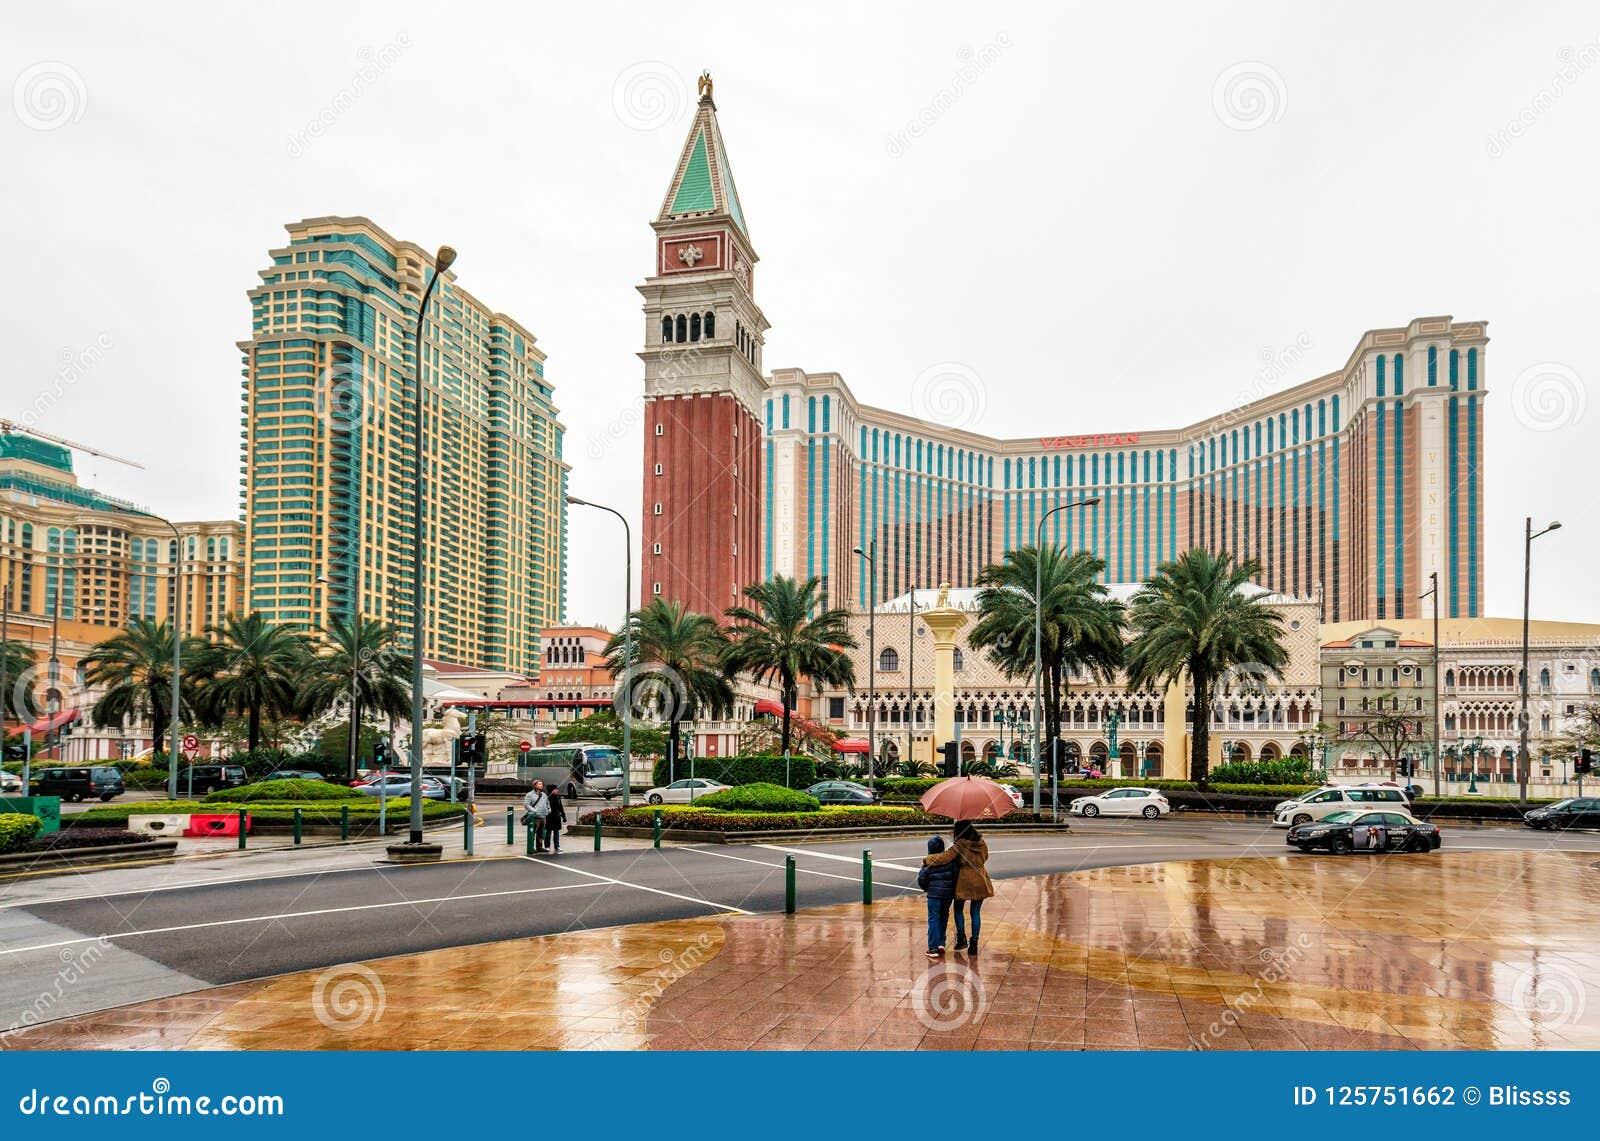 Города казино в азии вертуальные игровые автоматы онлайнi